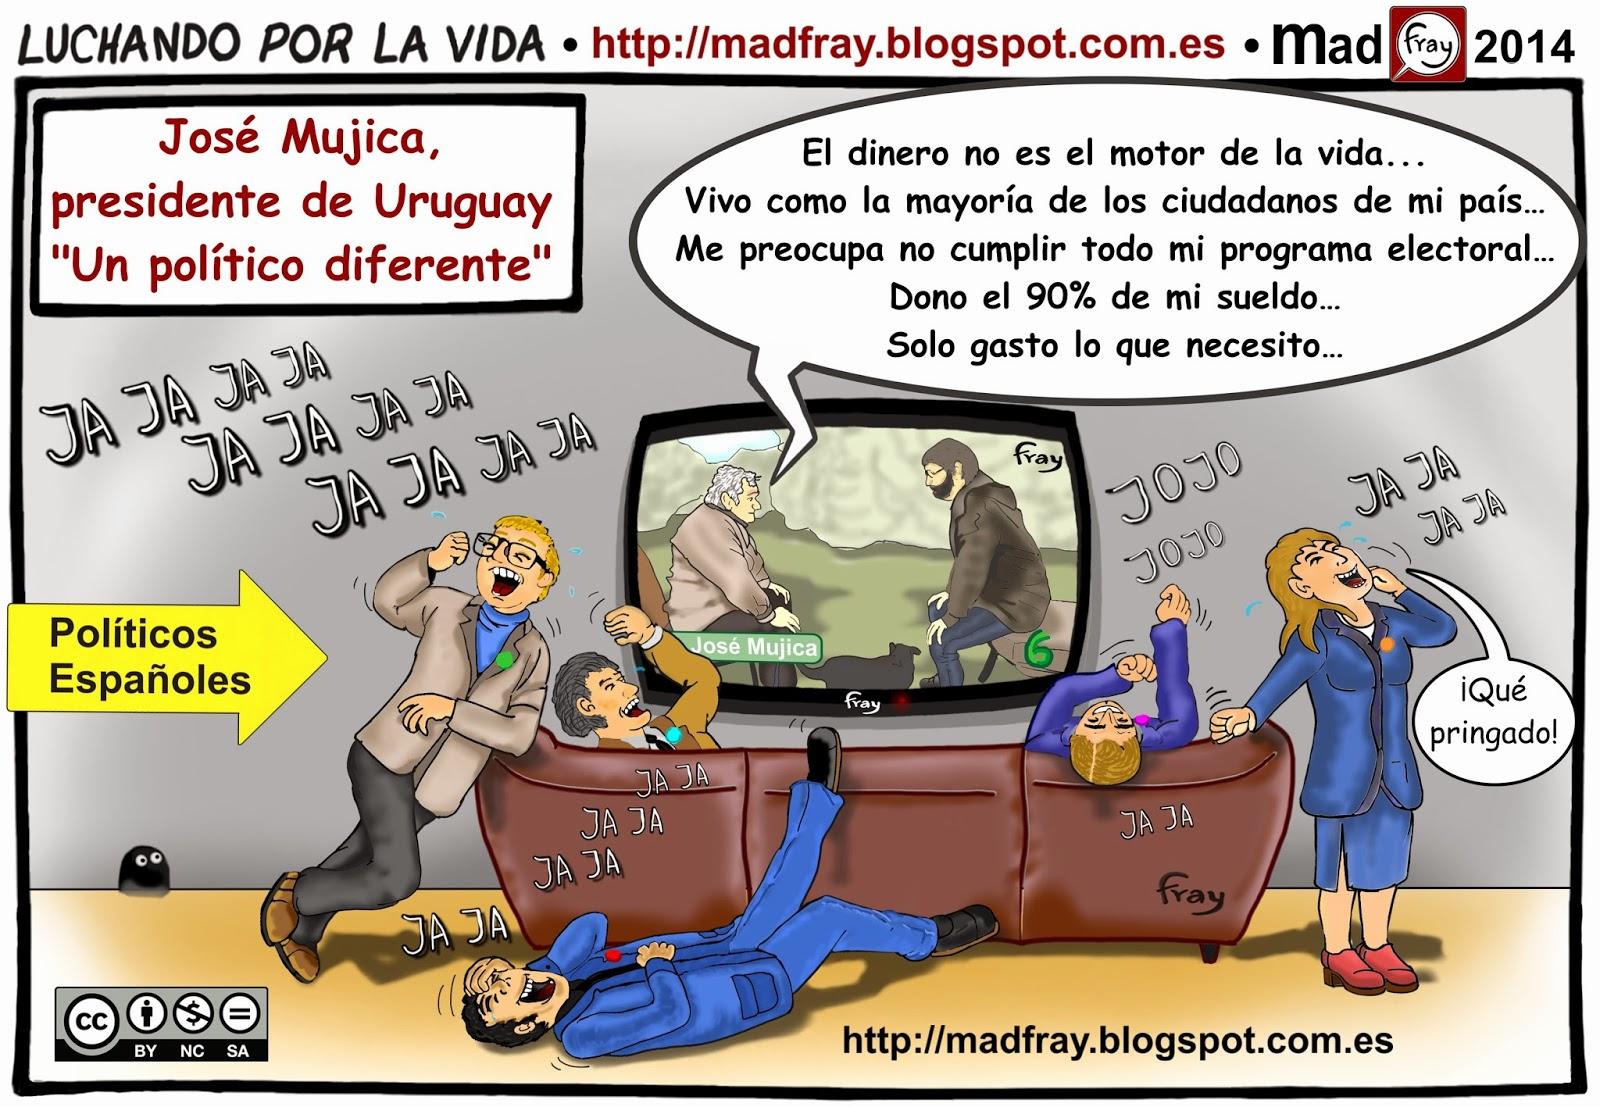 Viñeta humor: Políticos Españoles viendo la entrevista a José Mujica, Presidente de Uruguay